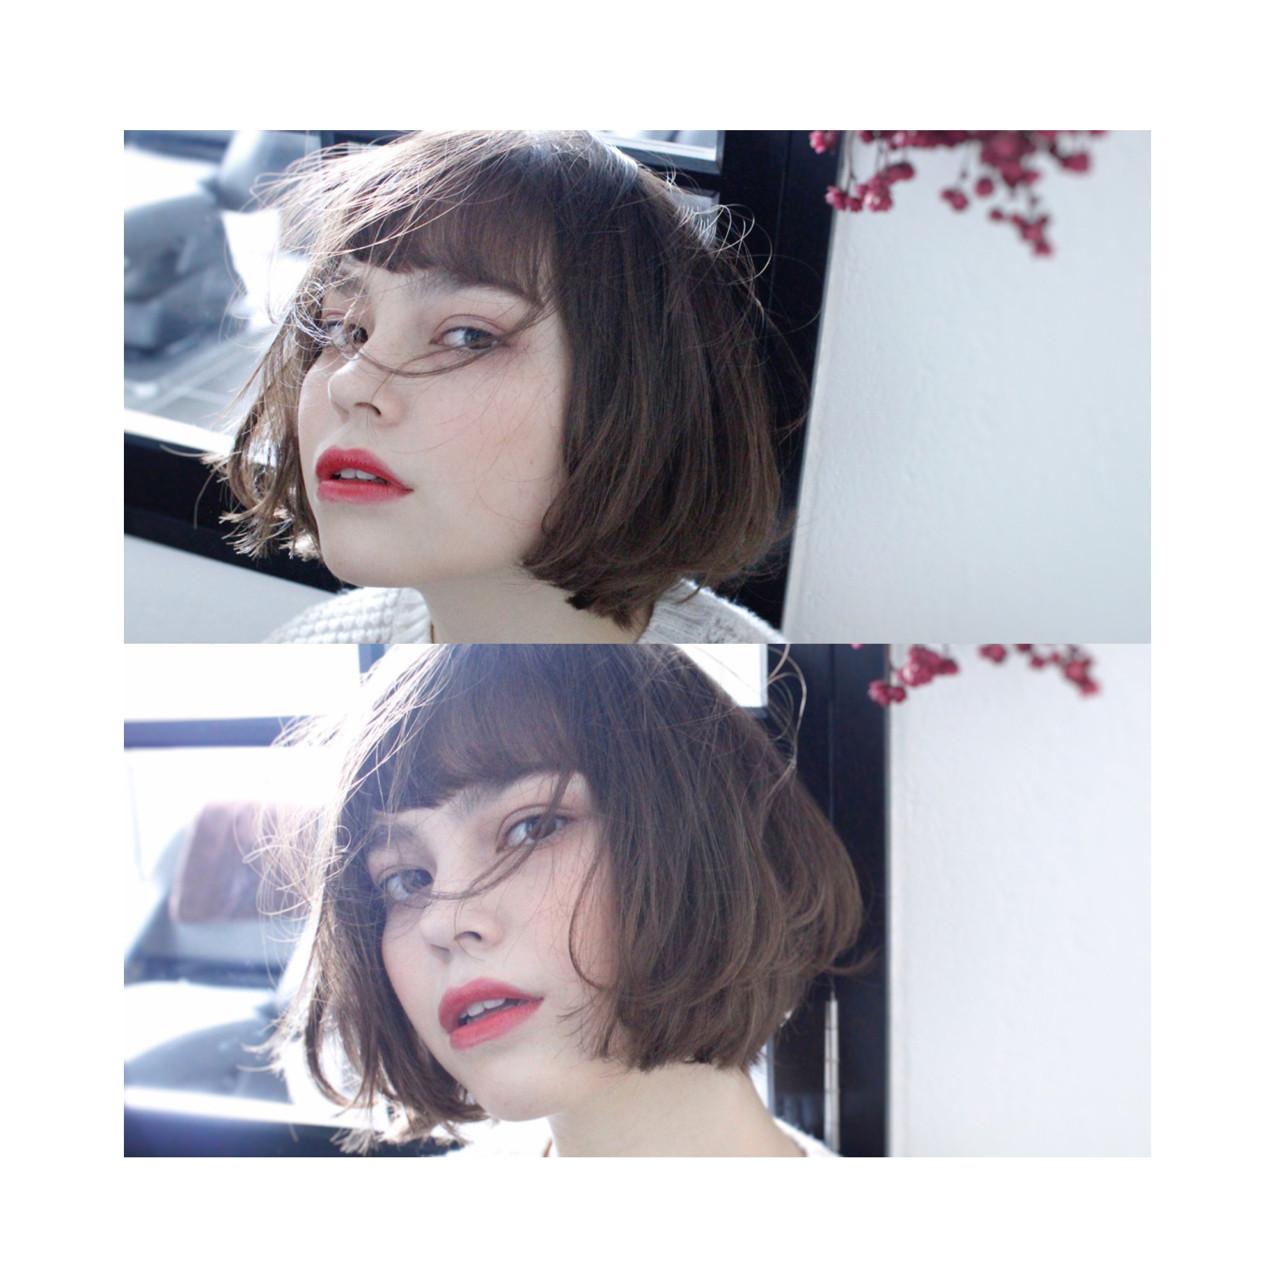 小顔 ハイライト 大人女子 外国人風 ヘアスタイルや髪型の写真・画像